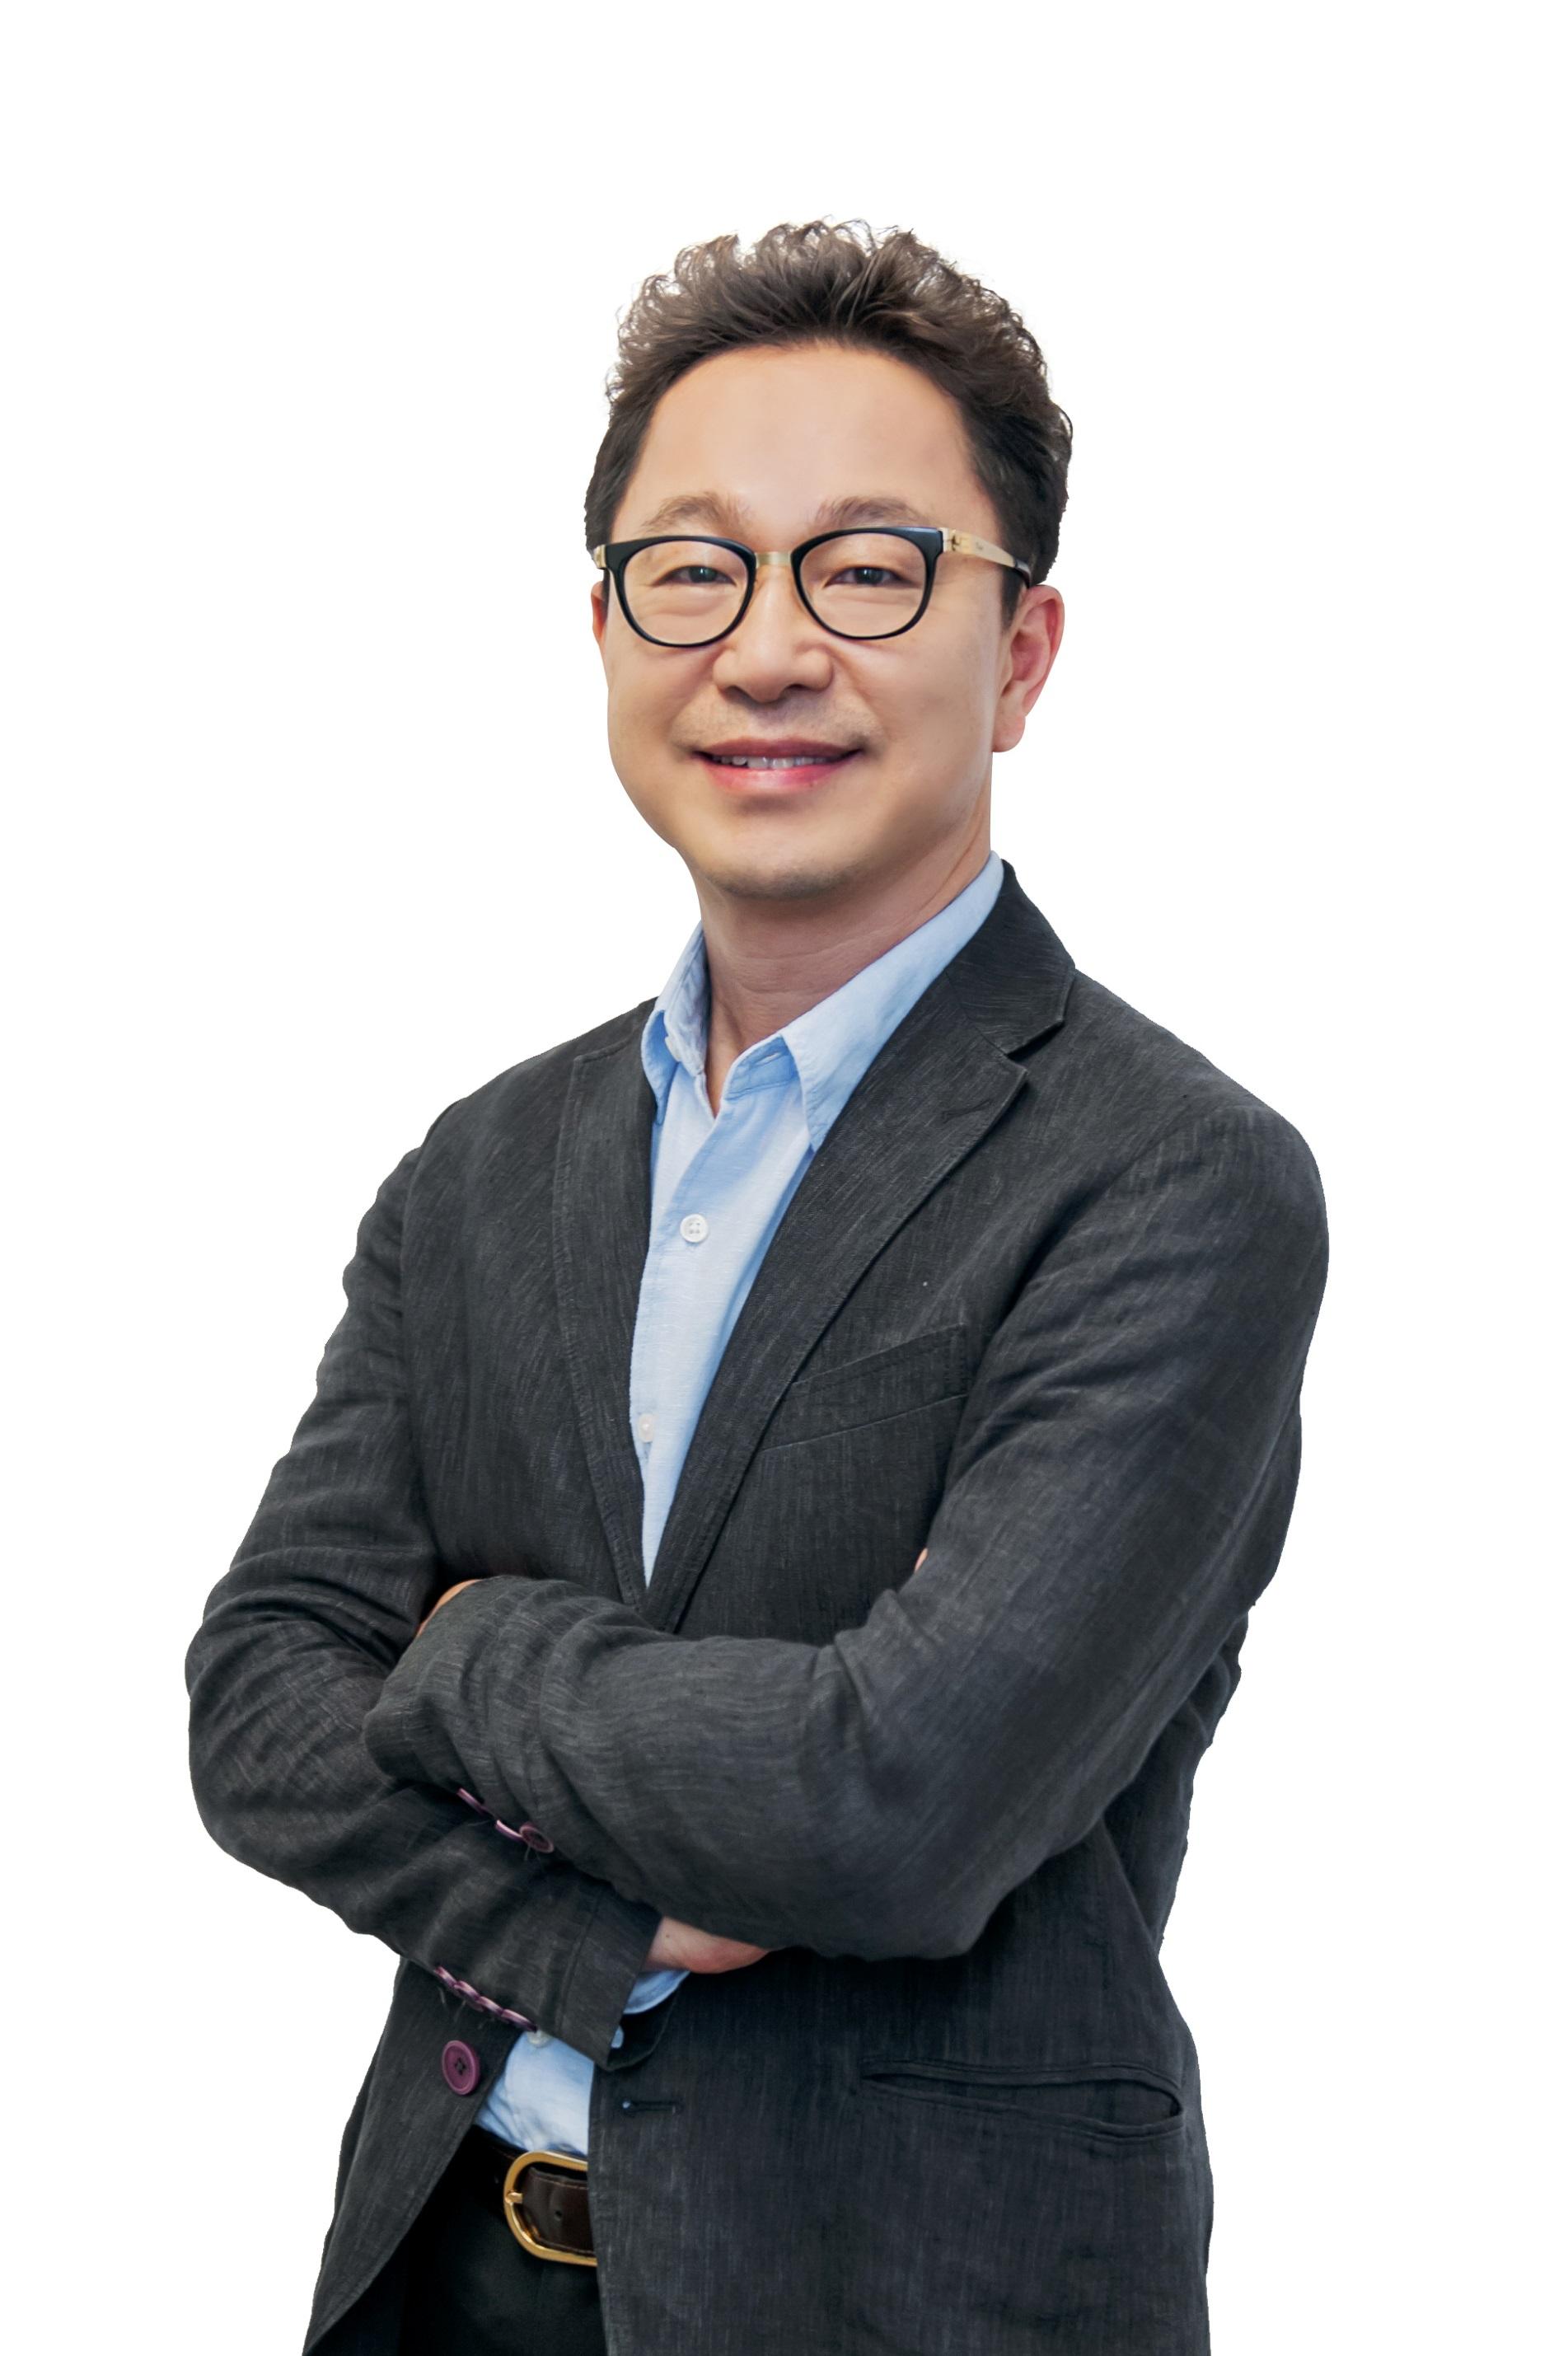 Mr.-Yoonsoo-Kim-President-Samsung-Malaysia-Electronics